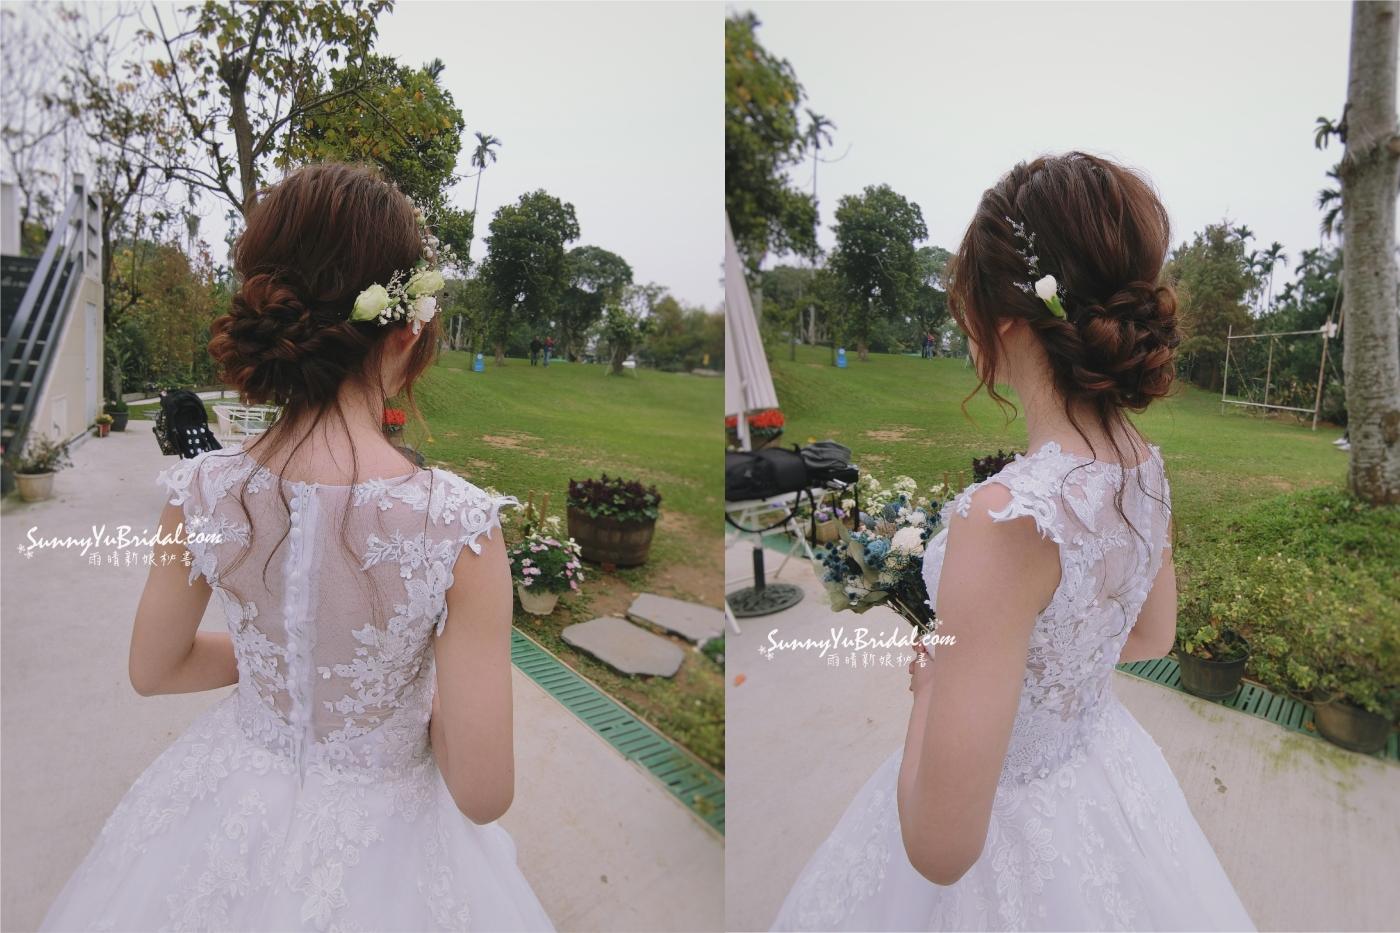 西式婚禮|戶外證婚|戶外婚禮|證婚新娘妝髮|鮮花花環|新秘雨晴SunnyYu|幸福山丘|白紗造型|白紗鮮花造型|編髮造型|盤髮造型|清新白綠色花環|新娘髮型|